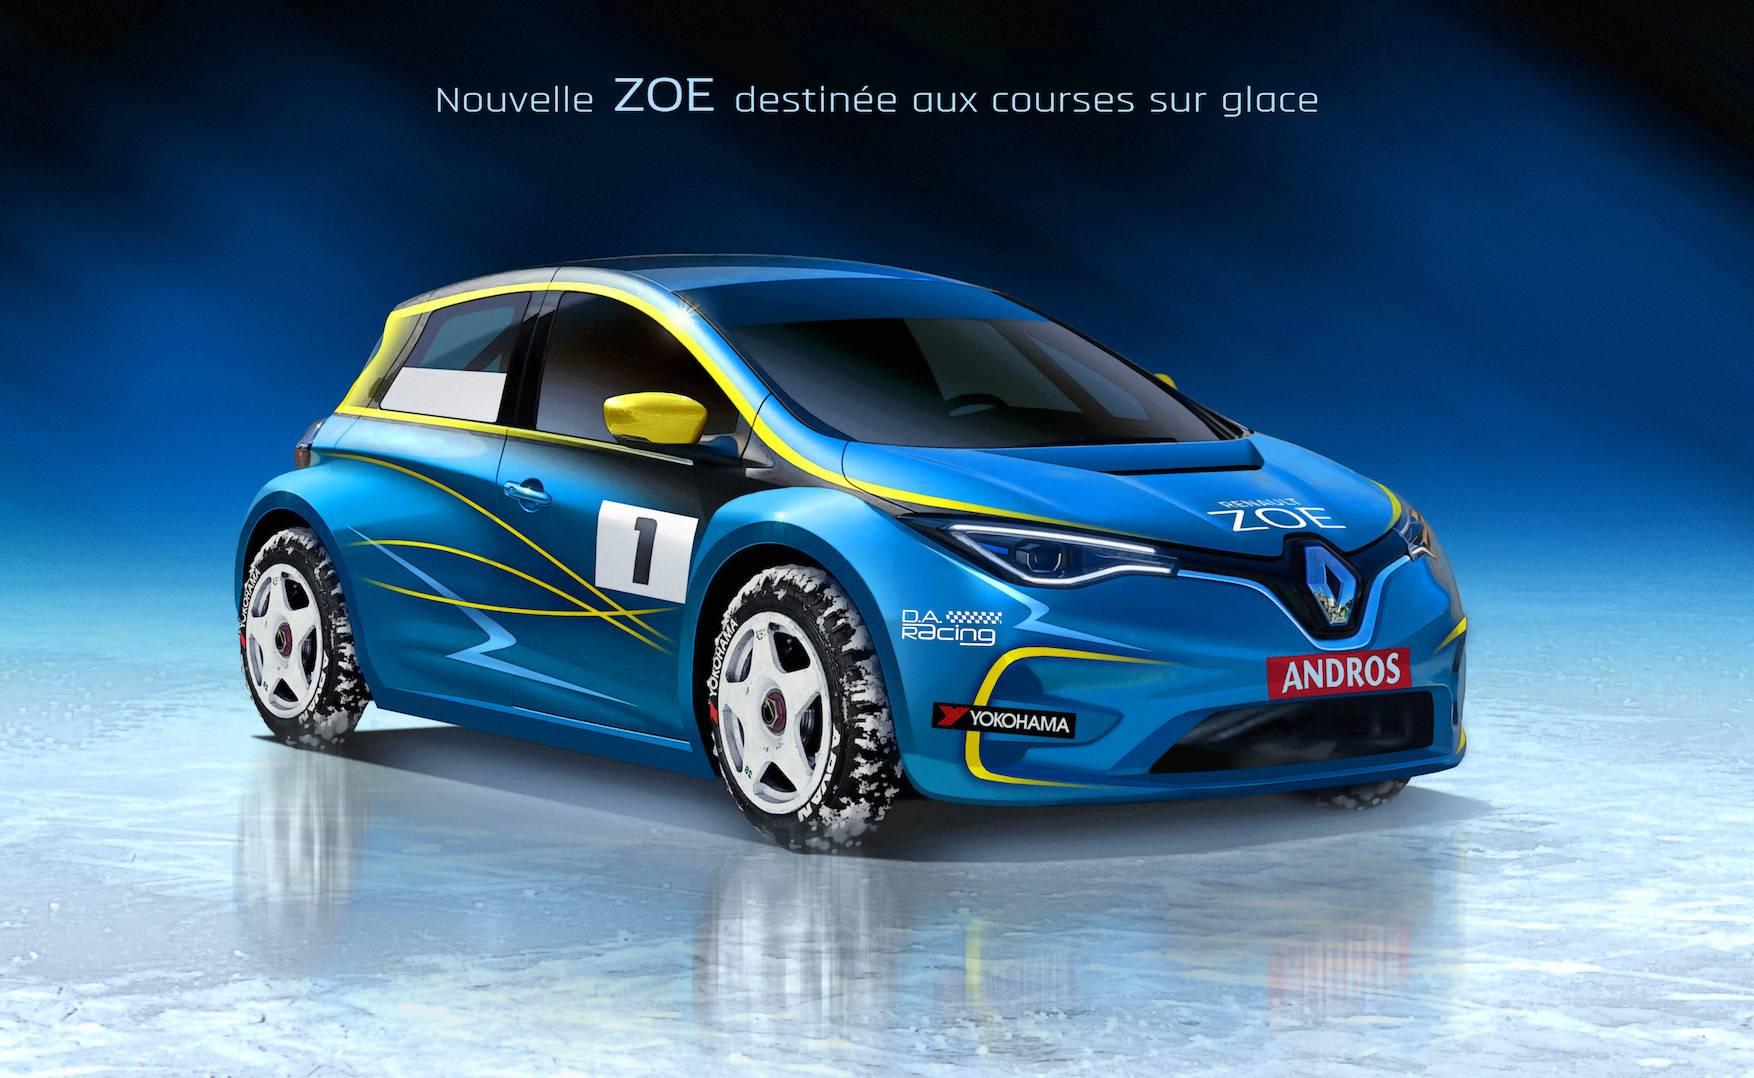 52bdb854-renault-zoe-trophee-andros-race-car-by-da-racing-1